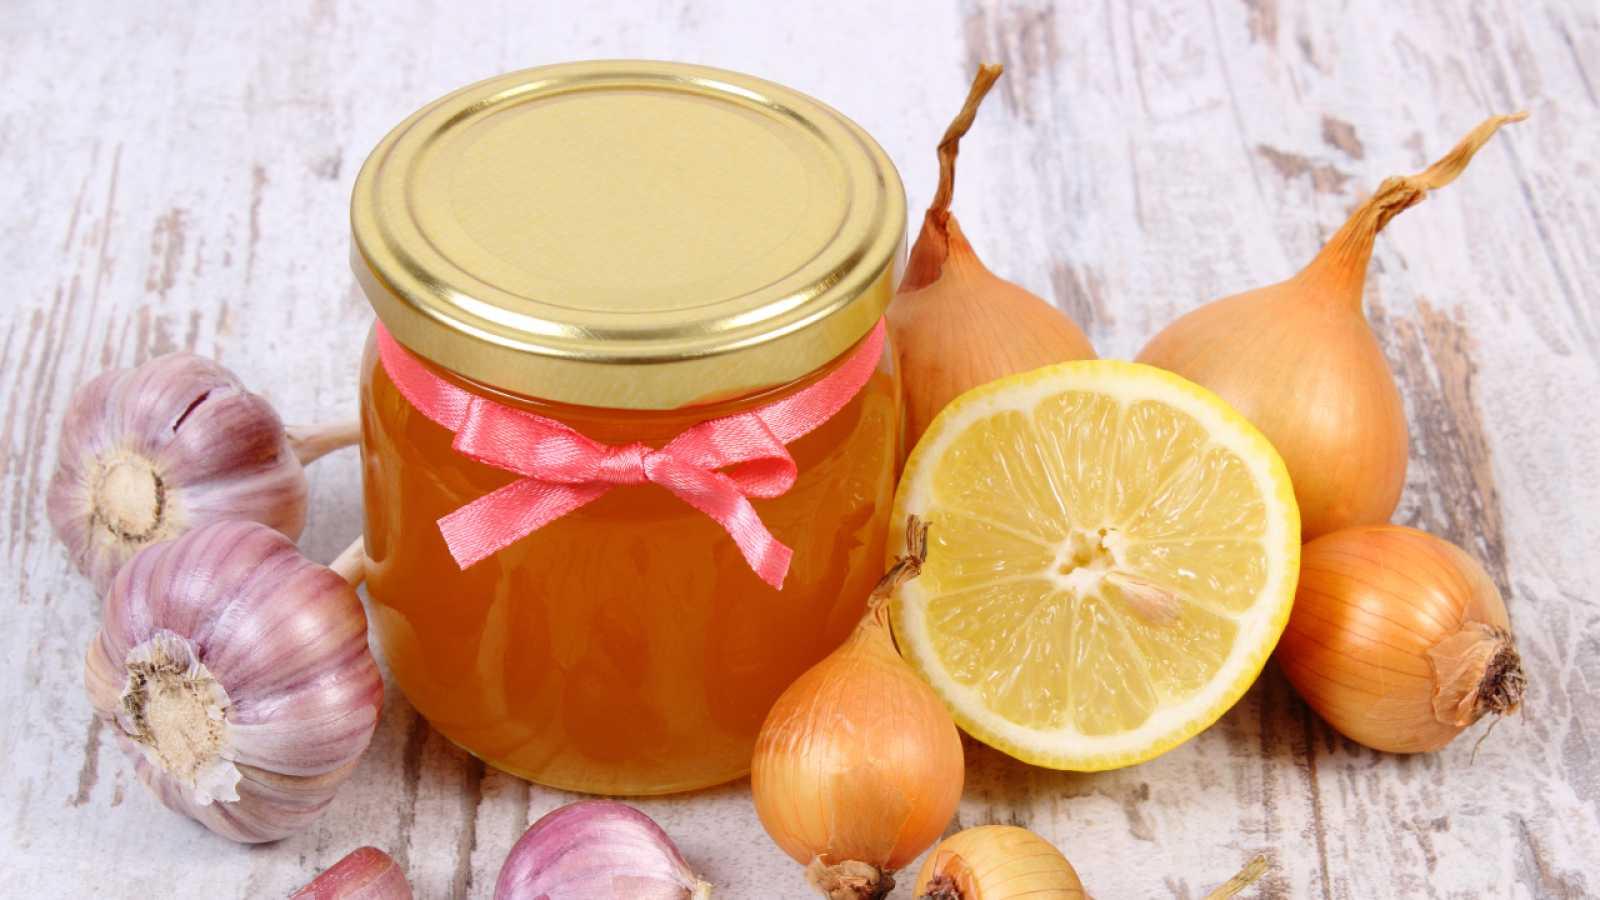 Para porner la cebolla roja con limon y que mas Conoces El Trio Medicinal Del Ajo La Cebolla Y El Limon